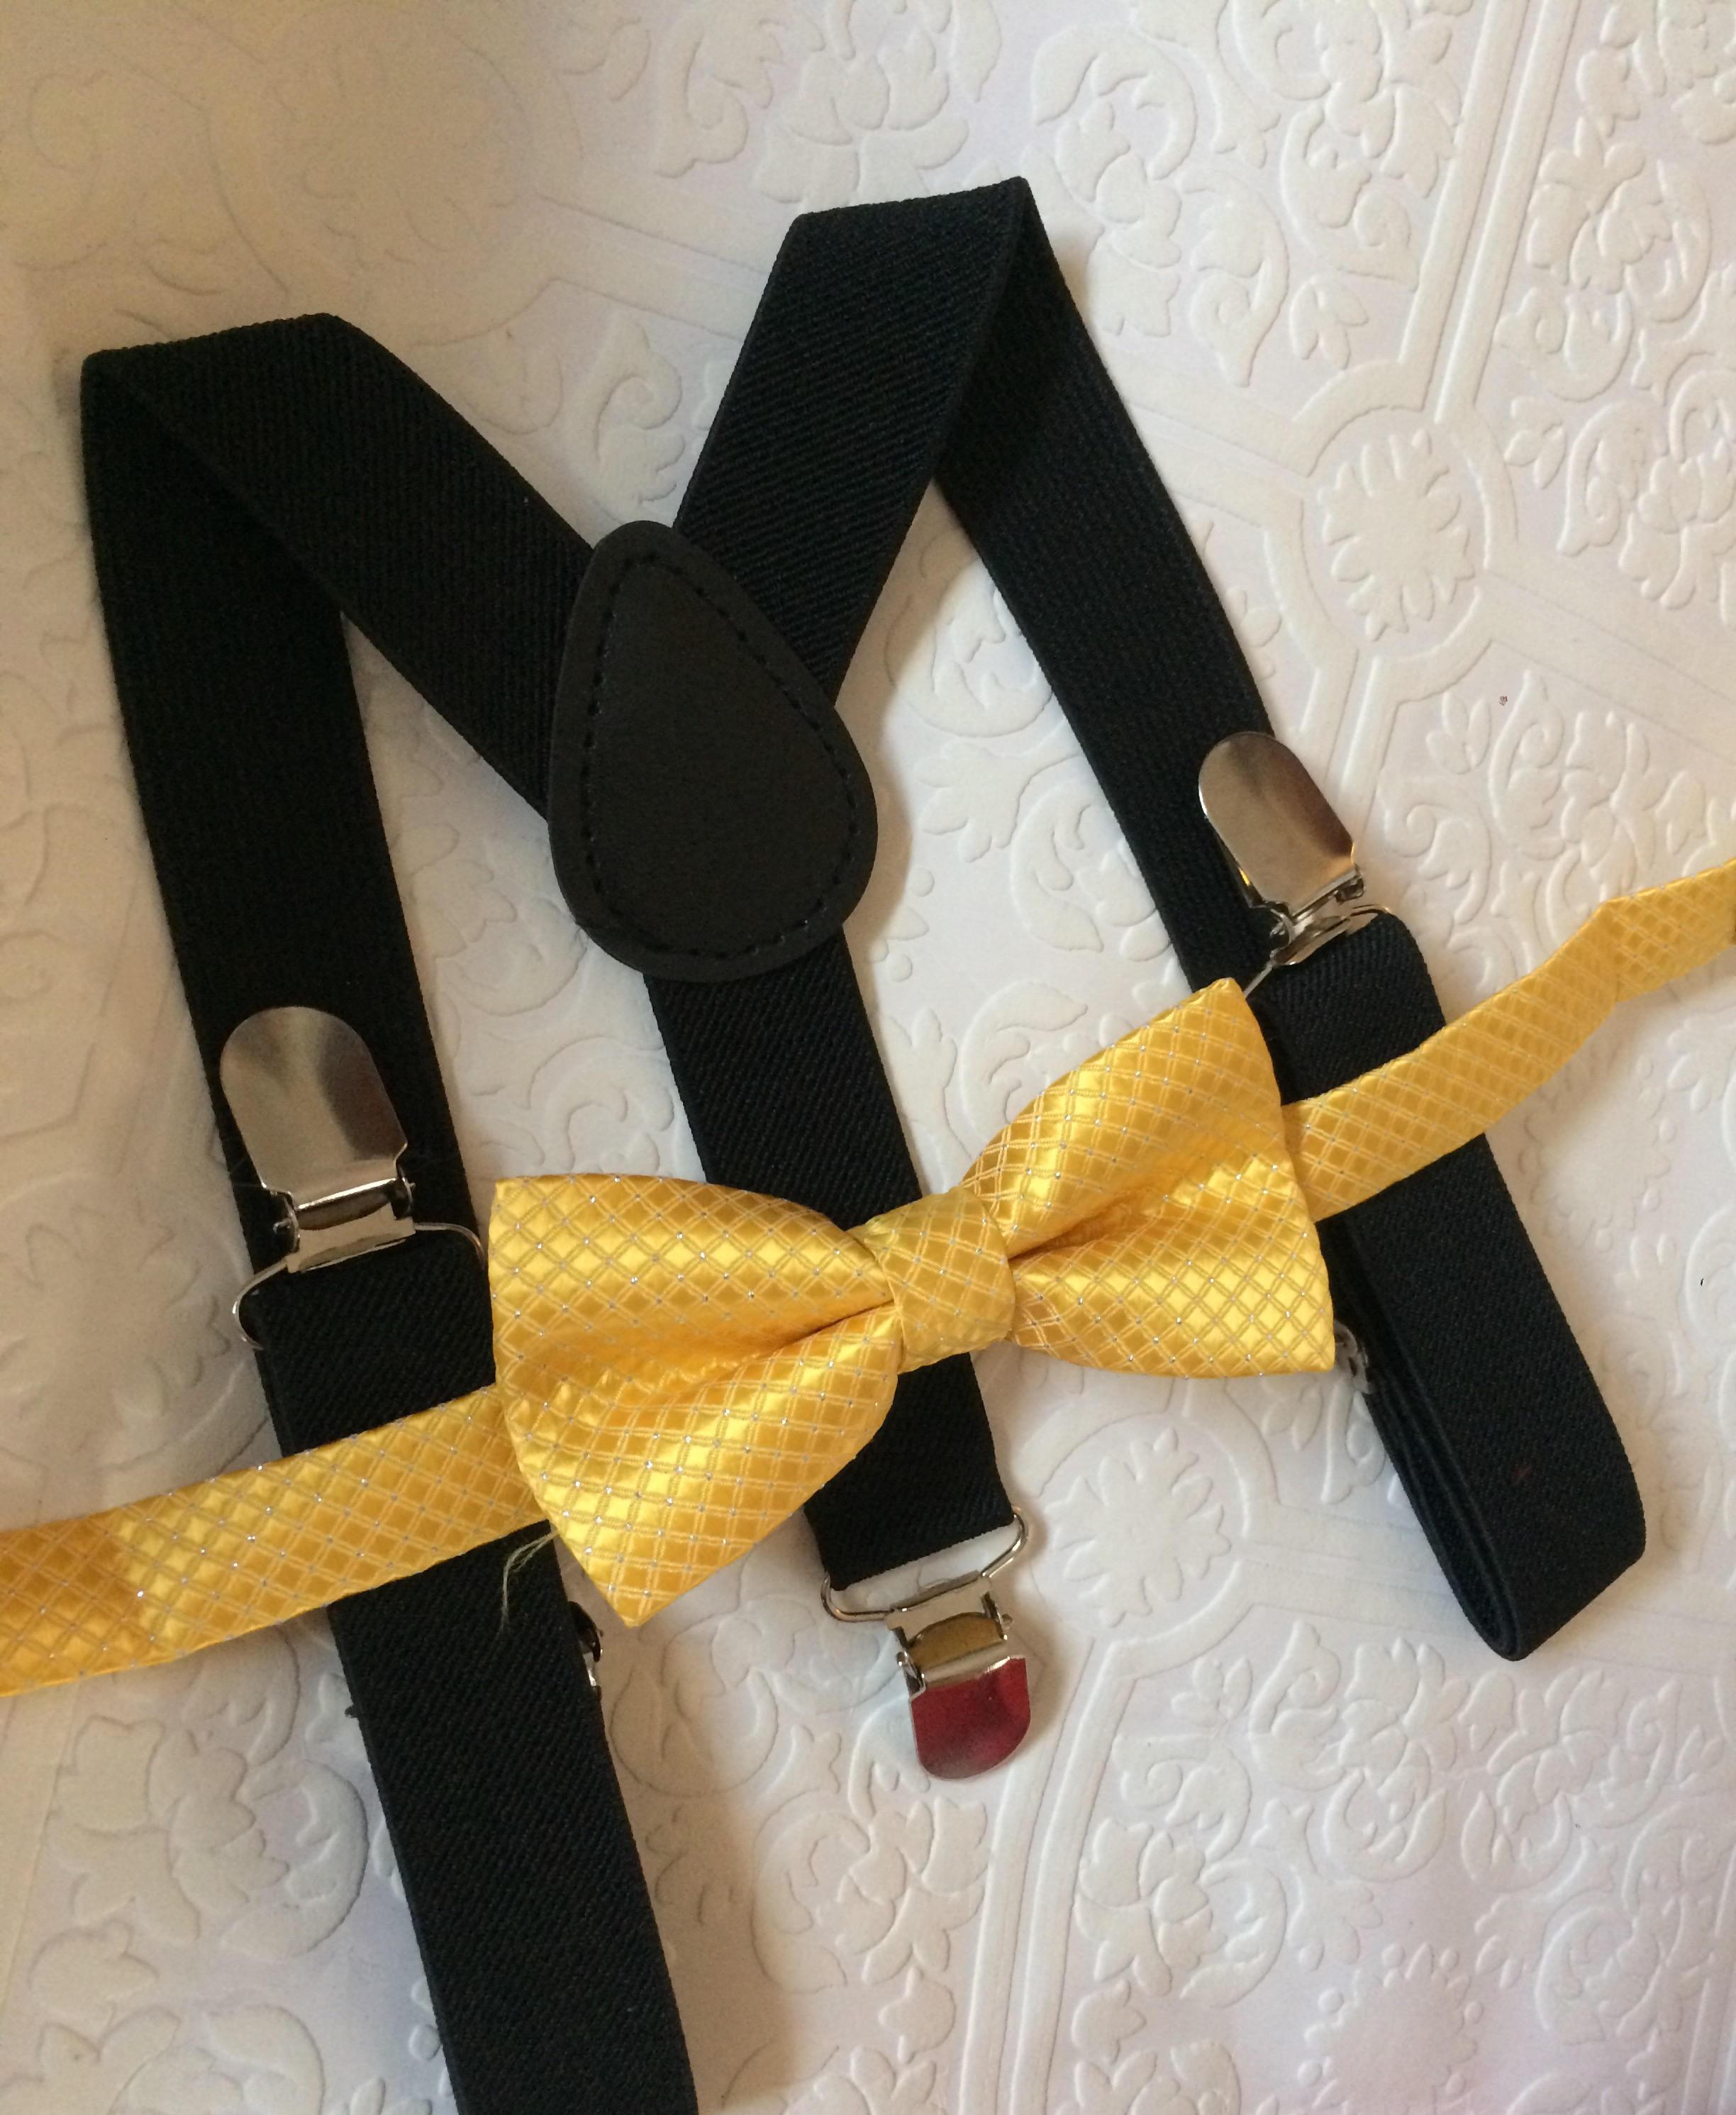 5885c7af5 Baby suspenders